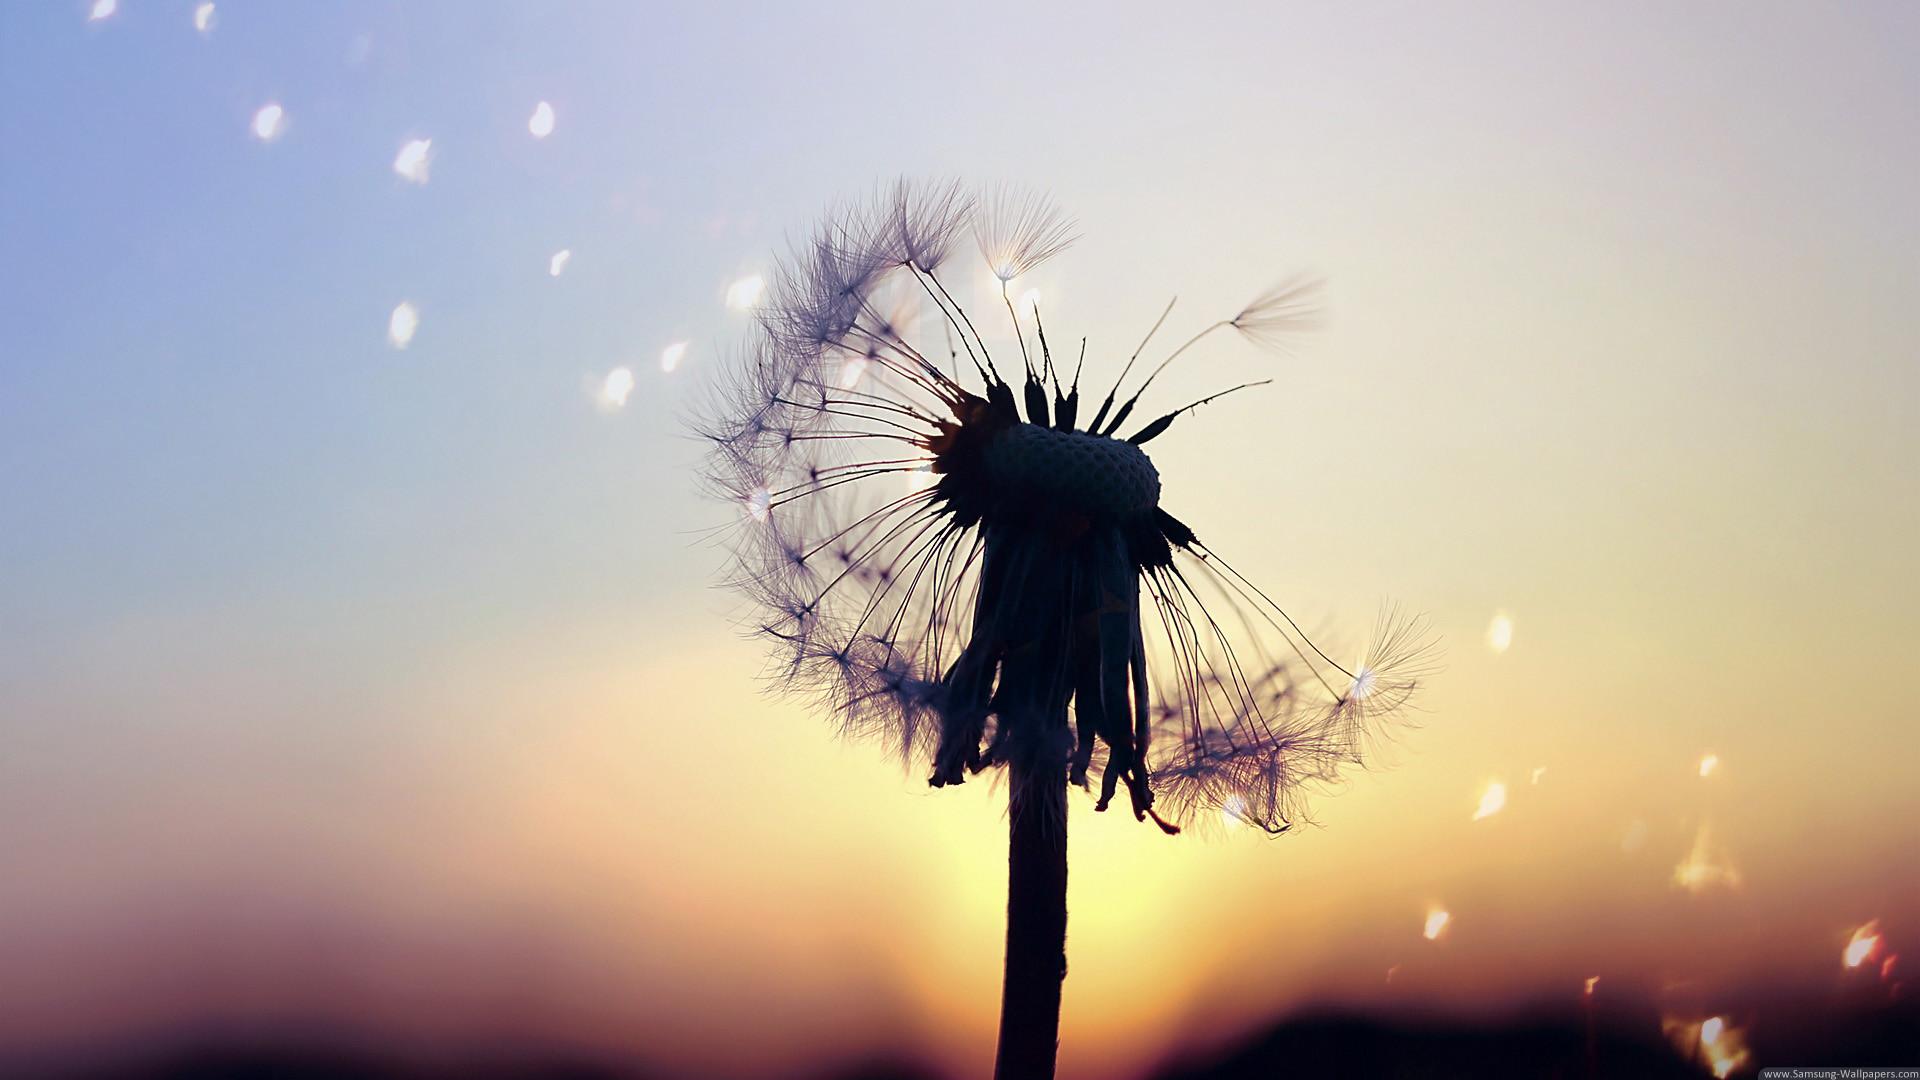 Dandelion Background 60 Images